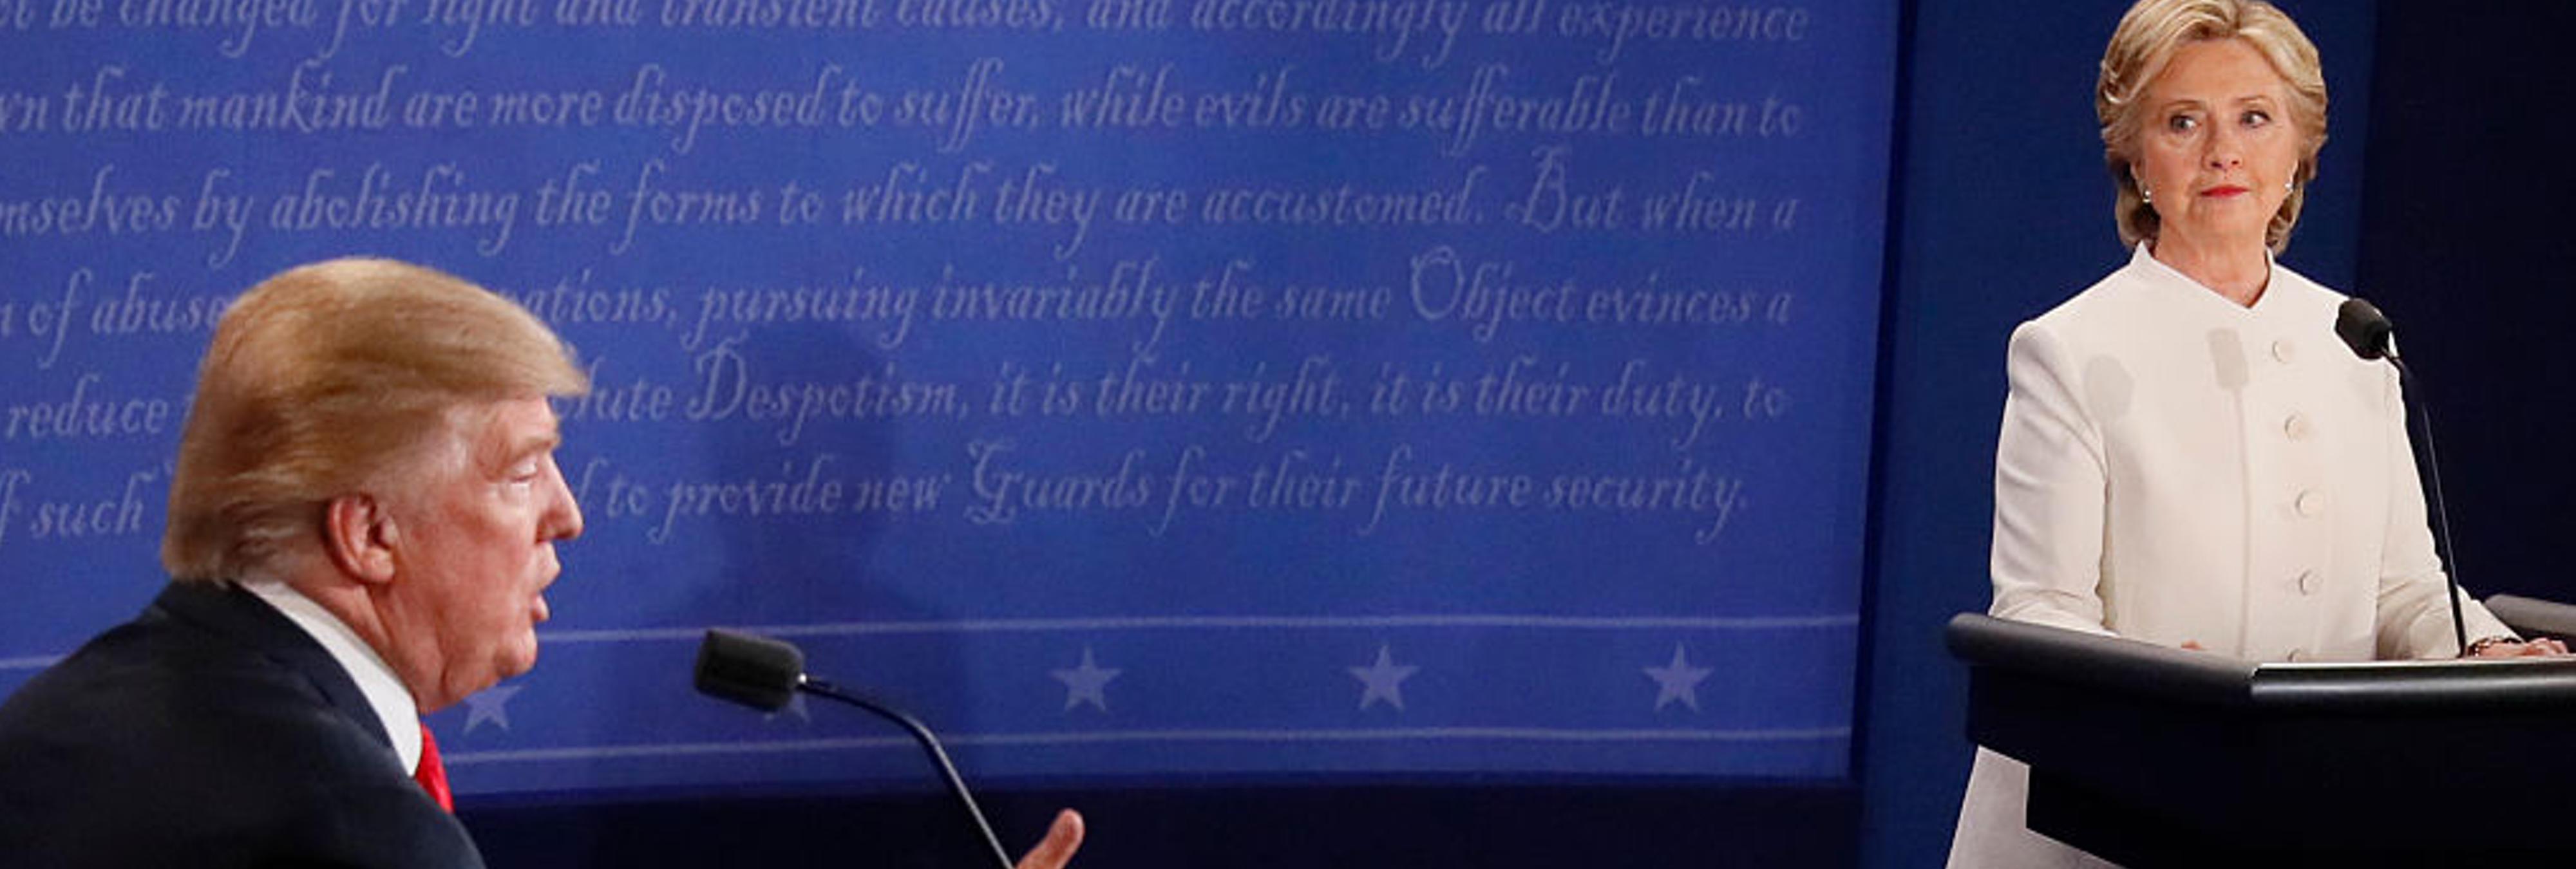 El tercer debate Trump-Clinton, en 20 contundentes frases